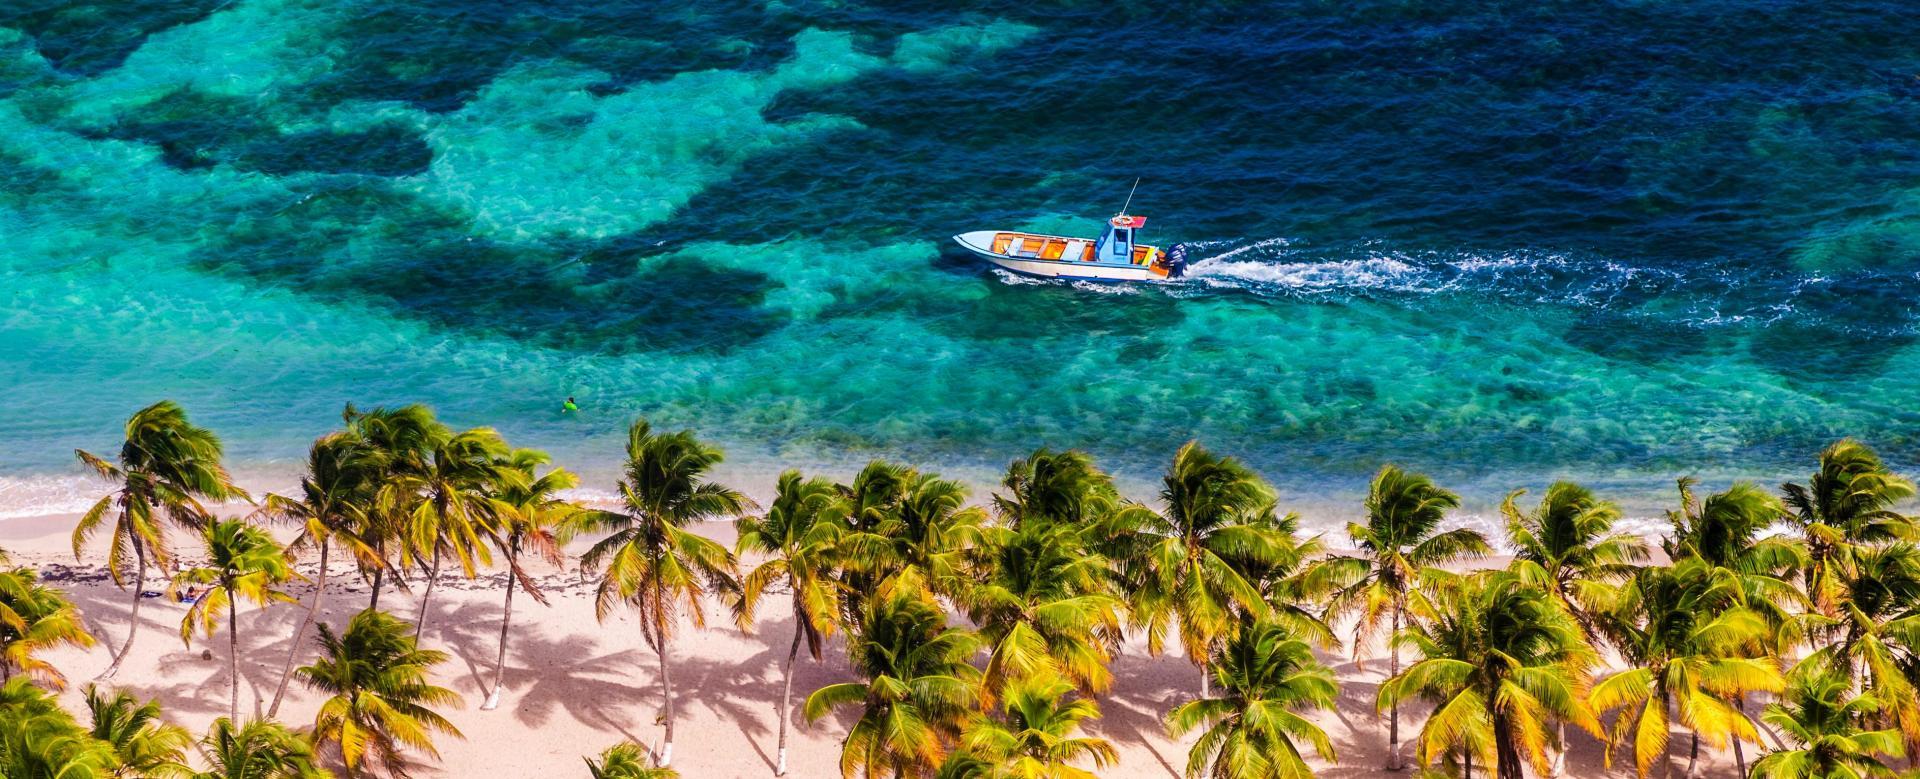 Voyage sur l'eau : Guadeloupe, l\'île nature